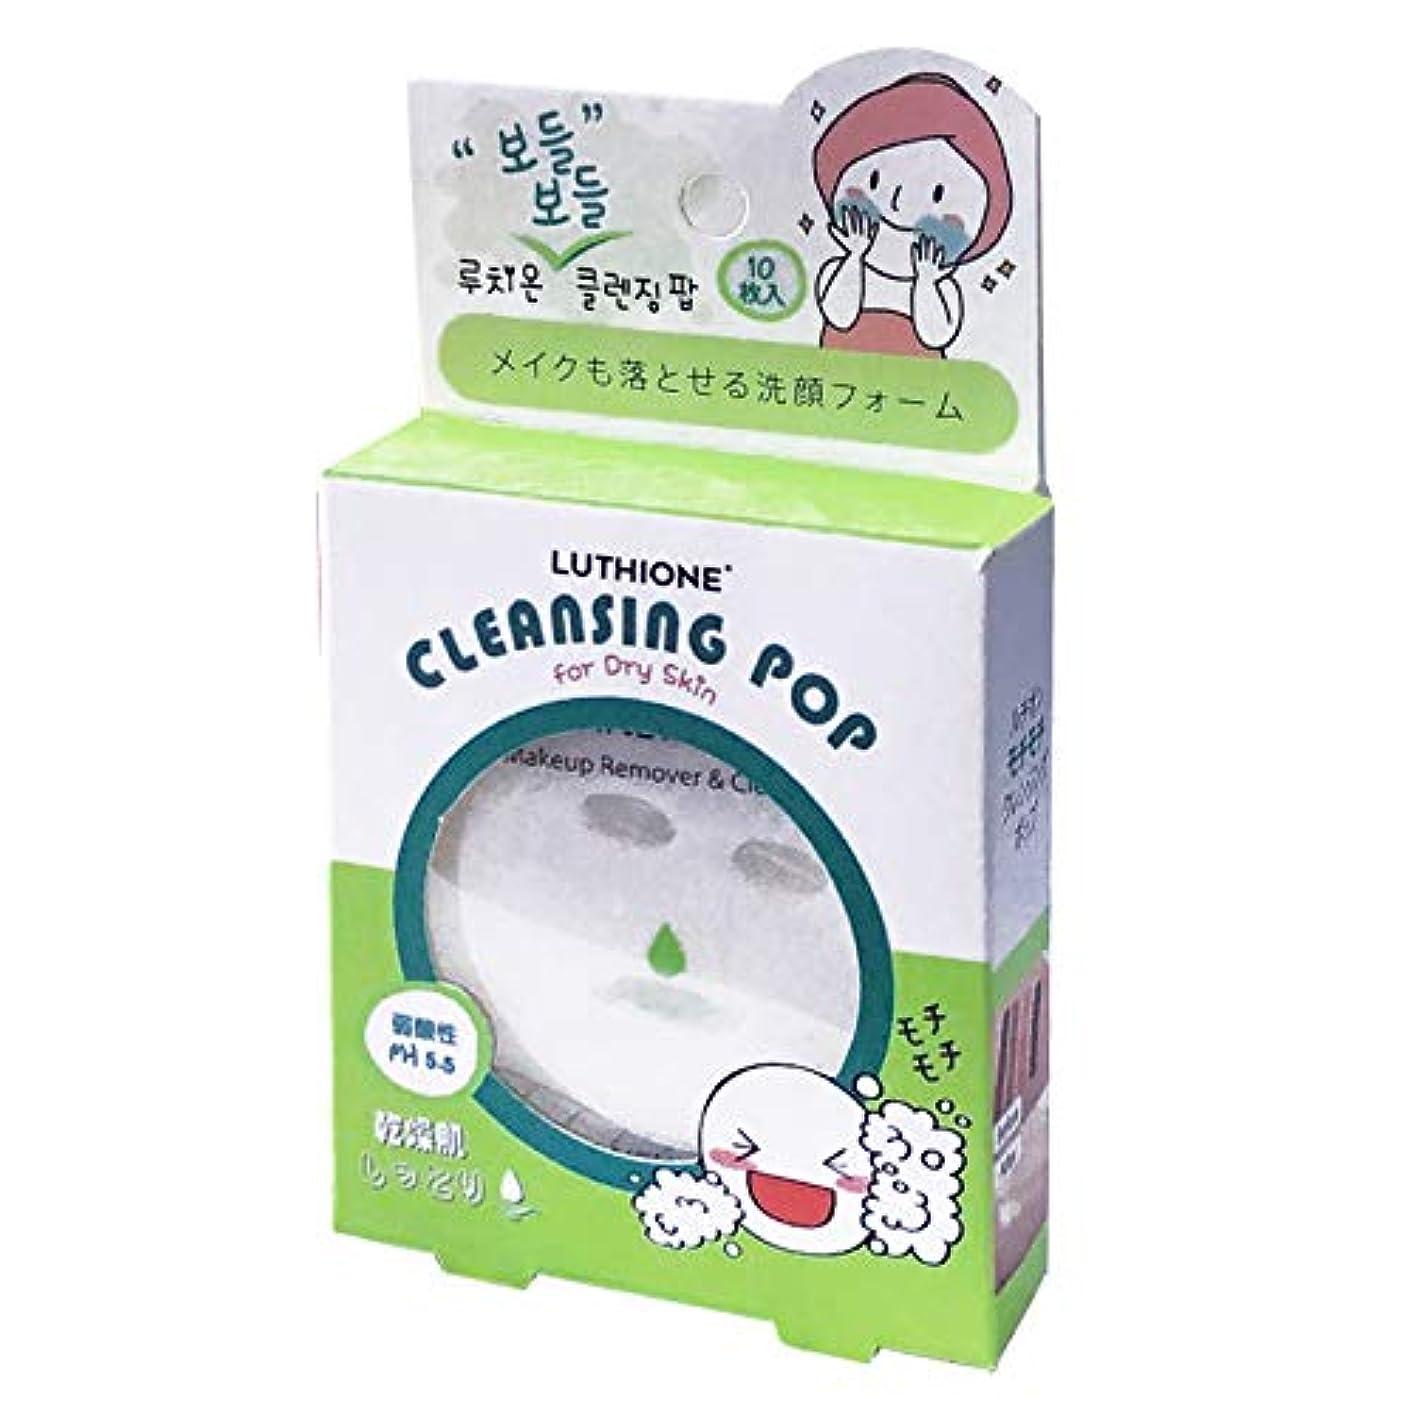 可愛い高価な新聞【まとめ買い】ルチオン クレンジングポップ (LUTHIONE CLEANSING POP) 乾燥肌 10枚入り ×10個